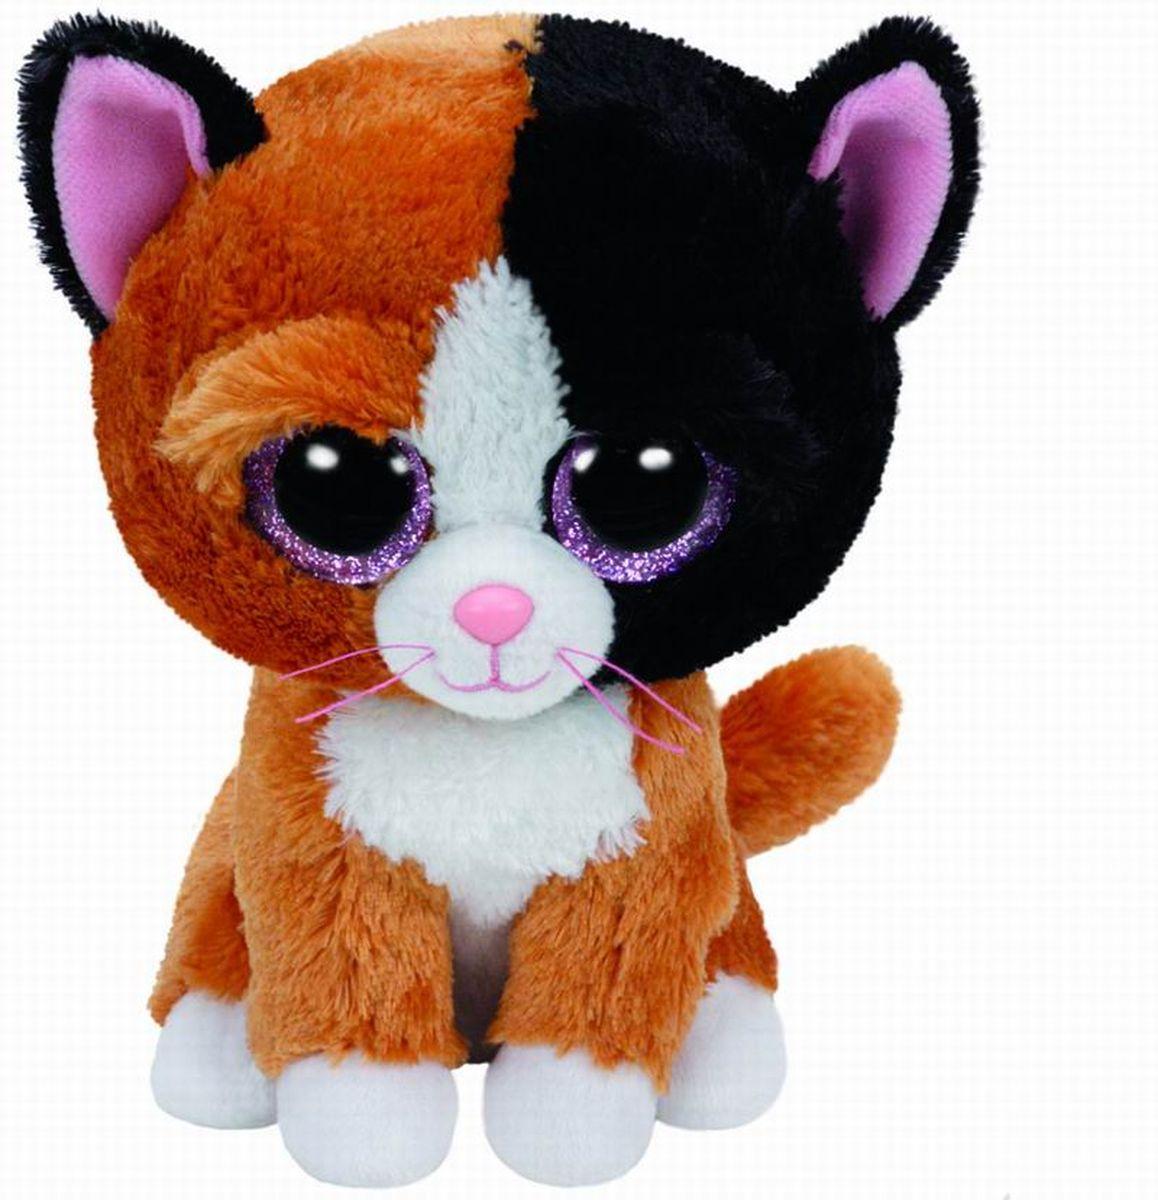 TY Beanie Boos Мягкая игрушка Котенок Tauri 15 см37178Замечательная мягкая игрушка серии TY станет самым лучшим другом вашему малышу. Особенность игрушки в том, что она понравится как мальчикам , так и девочкам. Замечательный игрушки TY с невероятно добрыми искренними глазками еще никого не оставлял равнодушным! Игрушка развивает: - тактильные навыки, - зрительную координацию, - мелкую моторику рук. От 3-х лет.